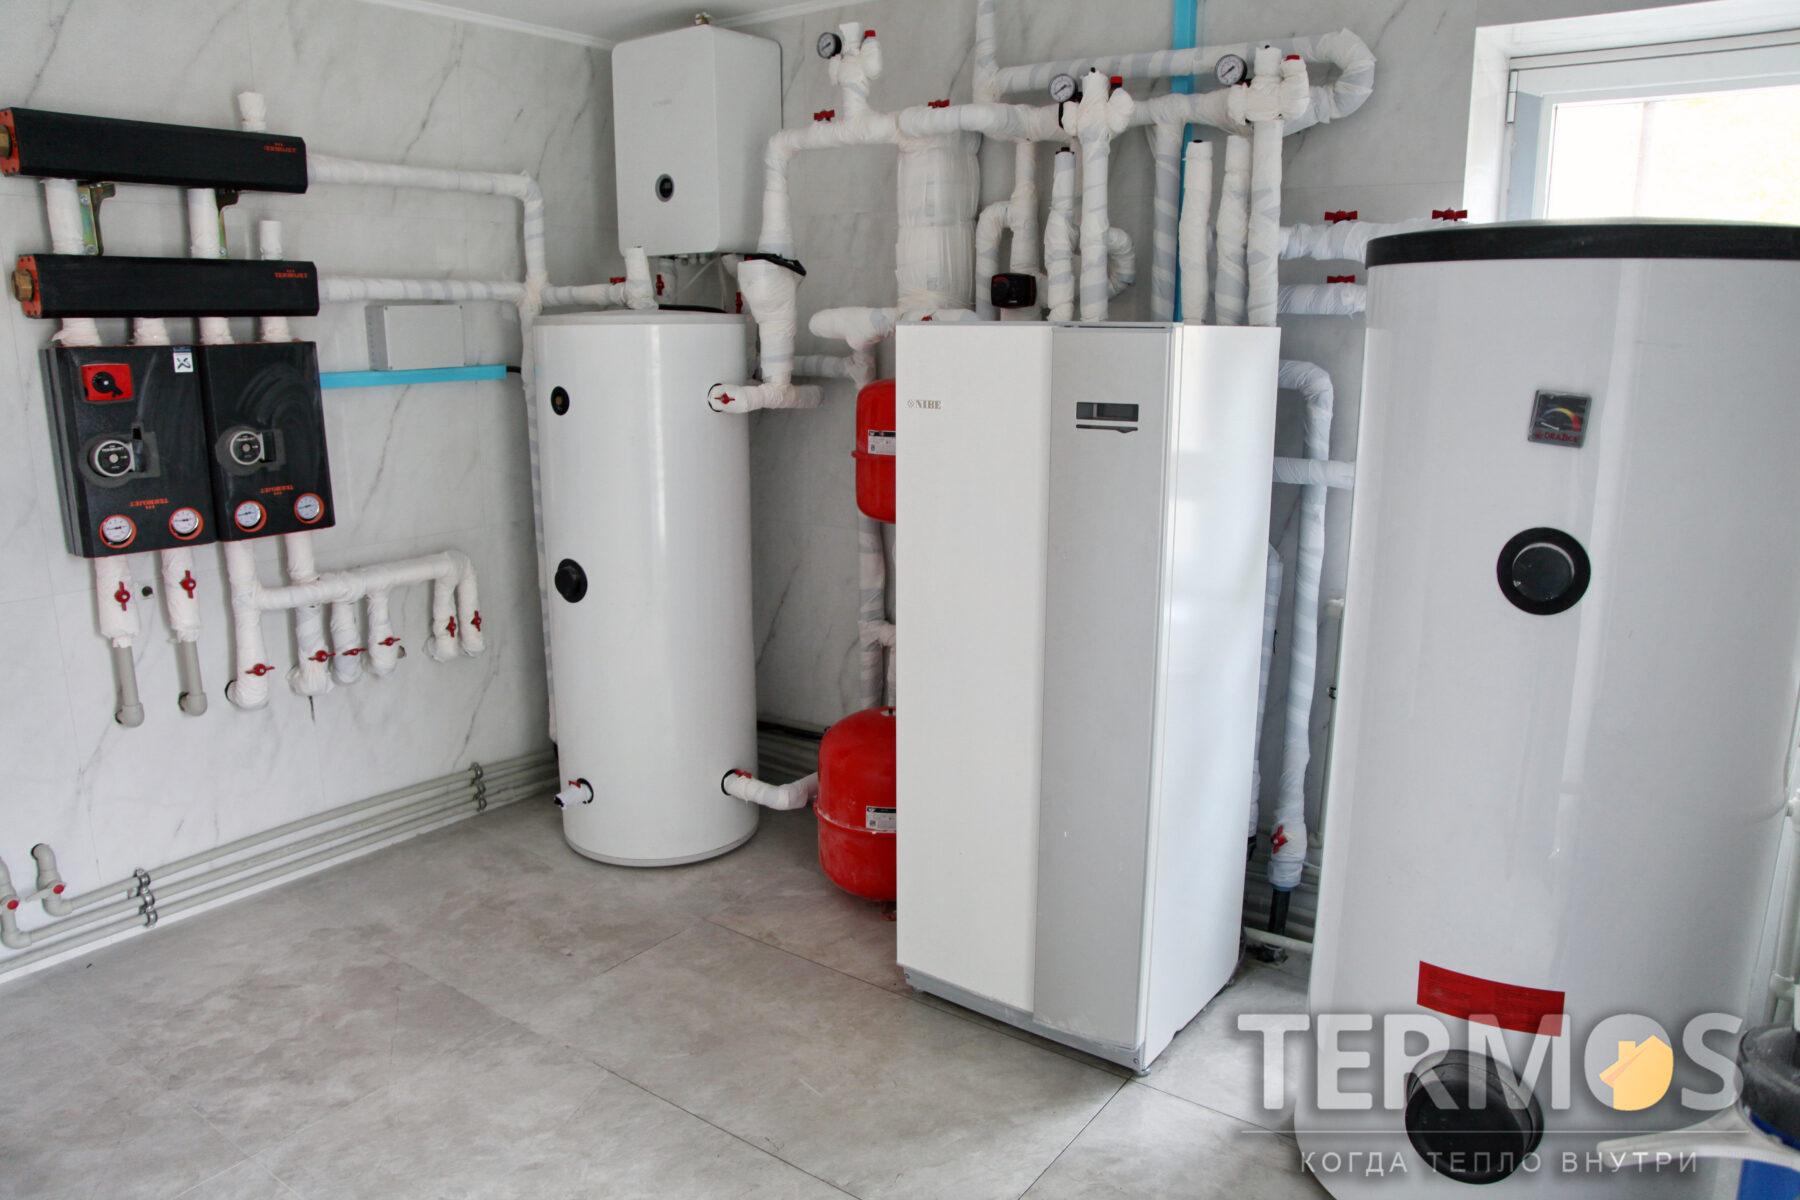 Плюты. Коттедж 280 м.кв. Низкотоемпературная система отопления теплым полом, отопление/охлаждение контуром настенных фанкойлов